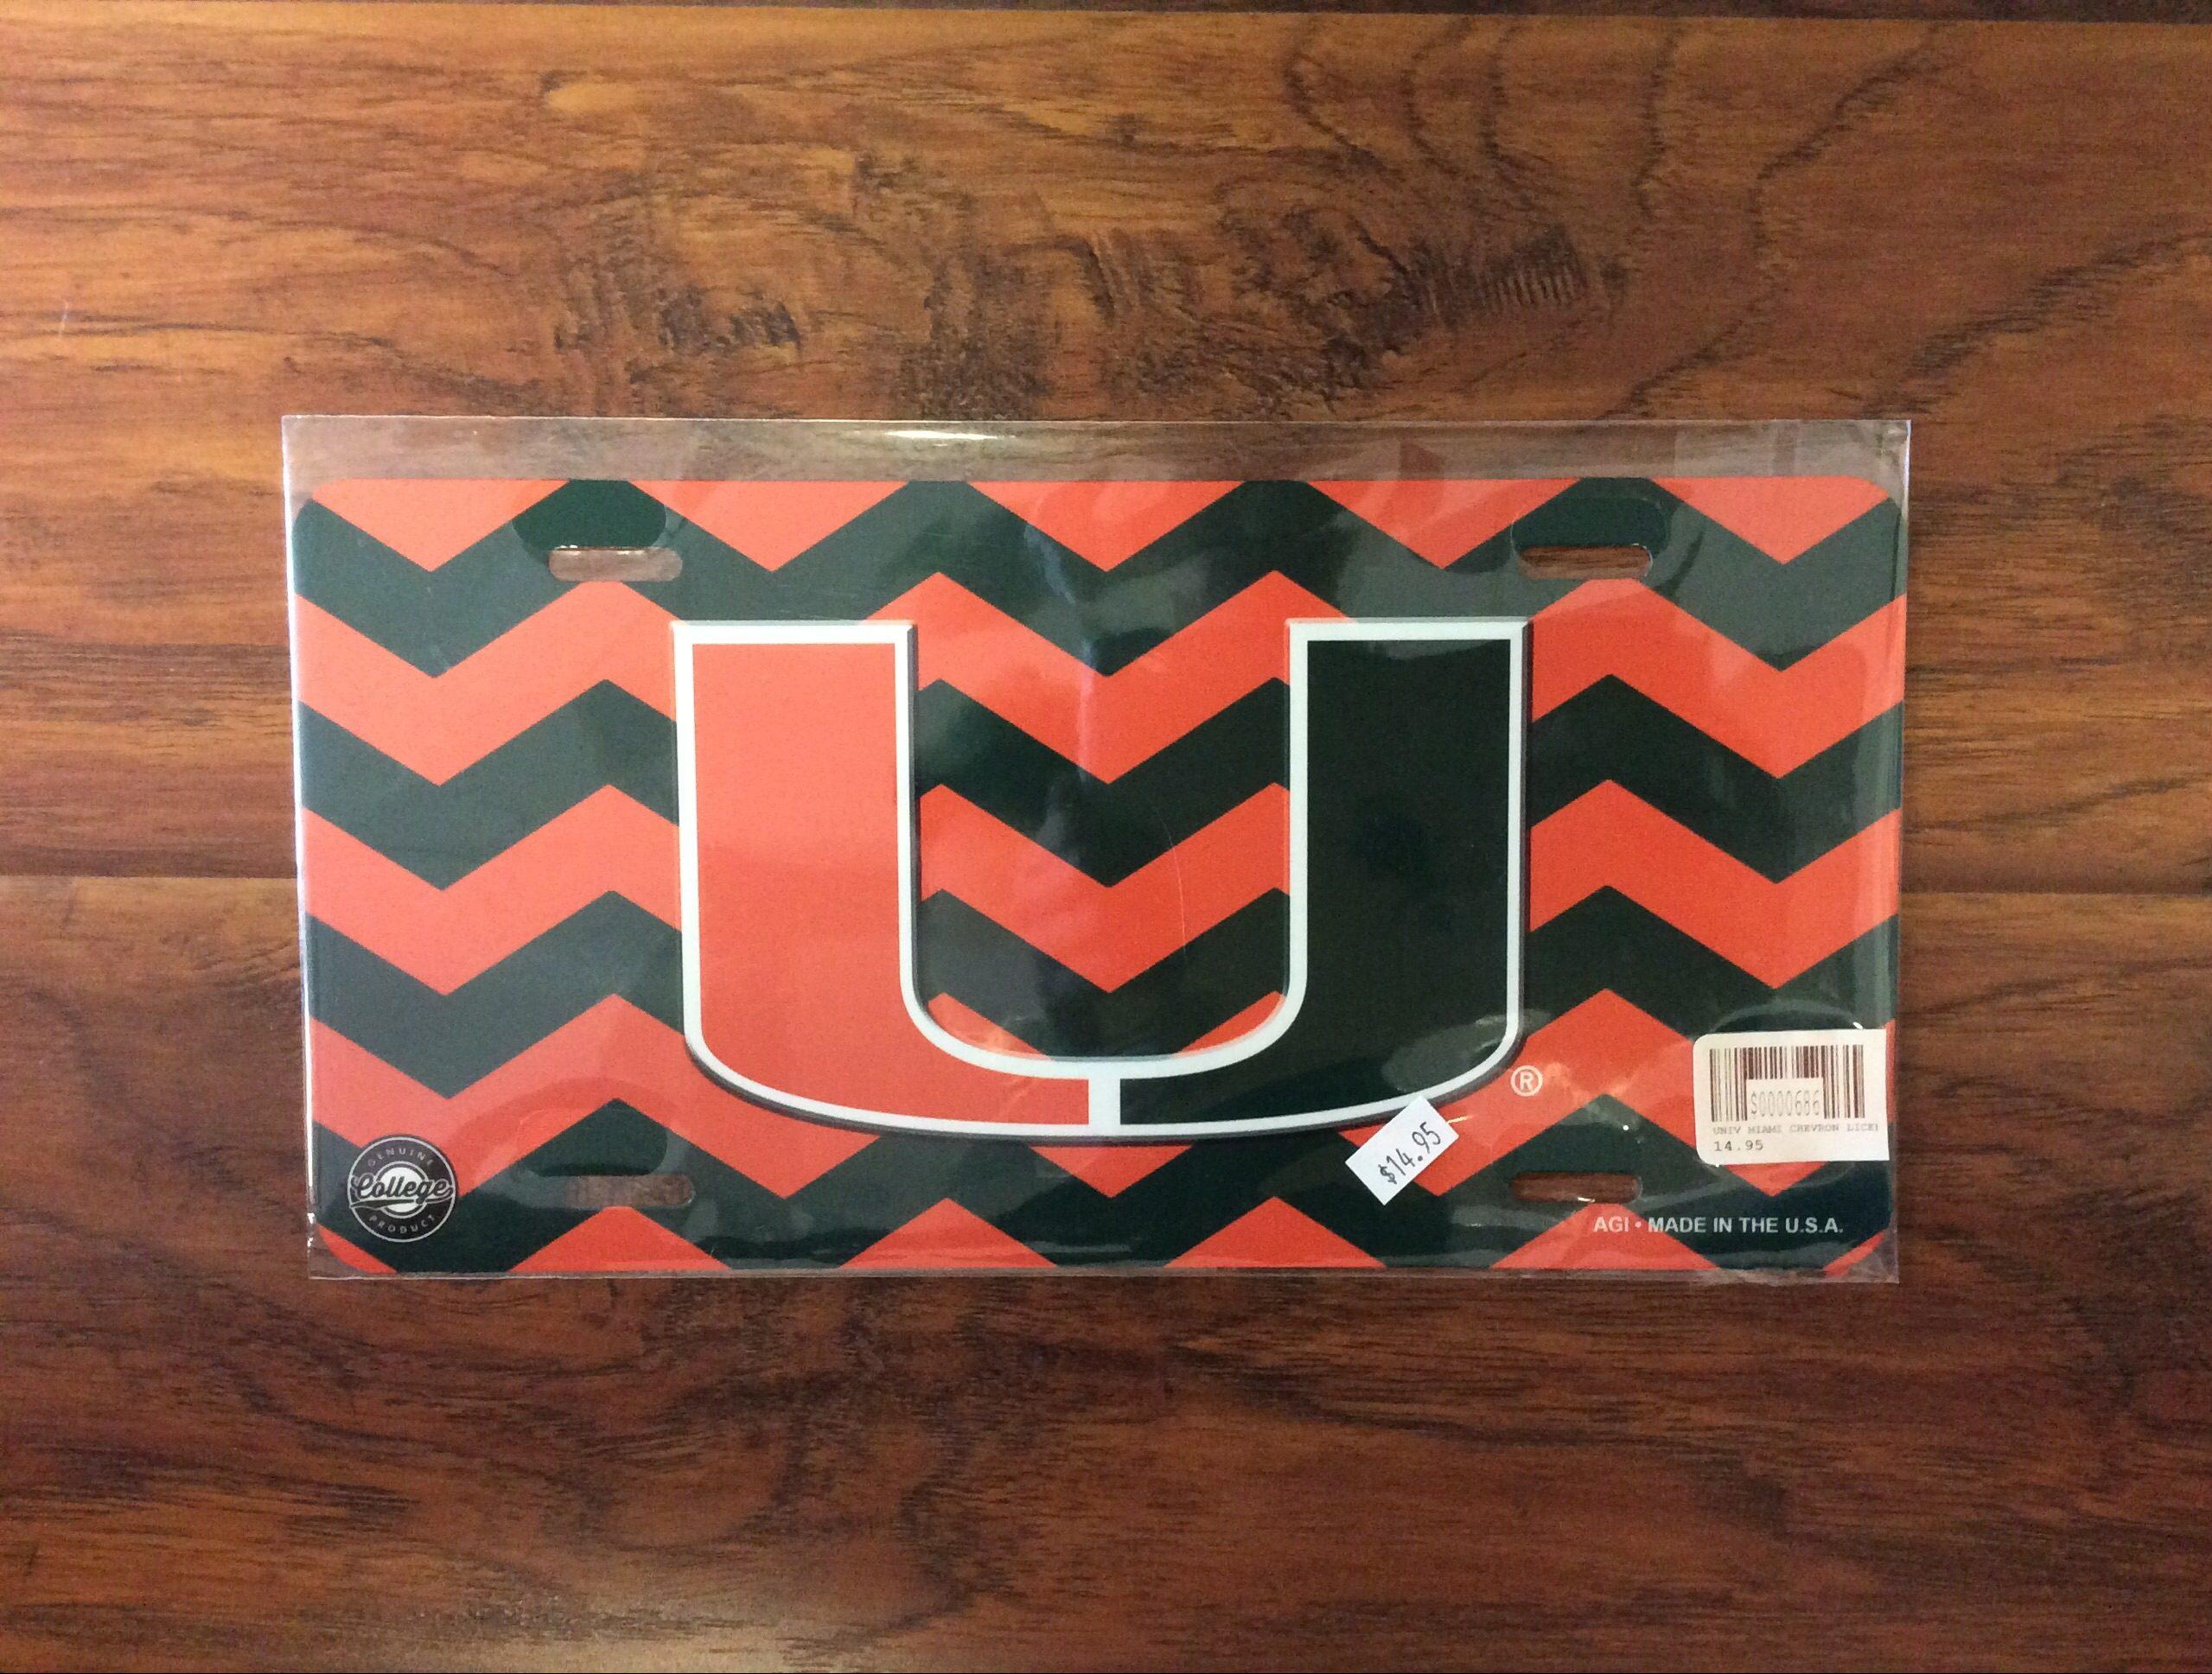 University of Miami chevron license plate